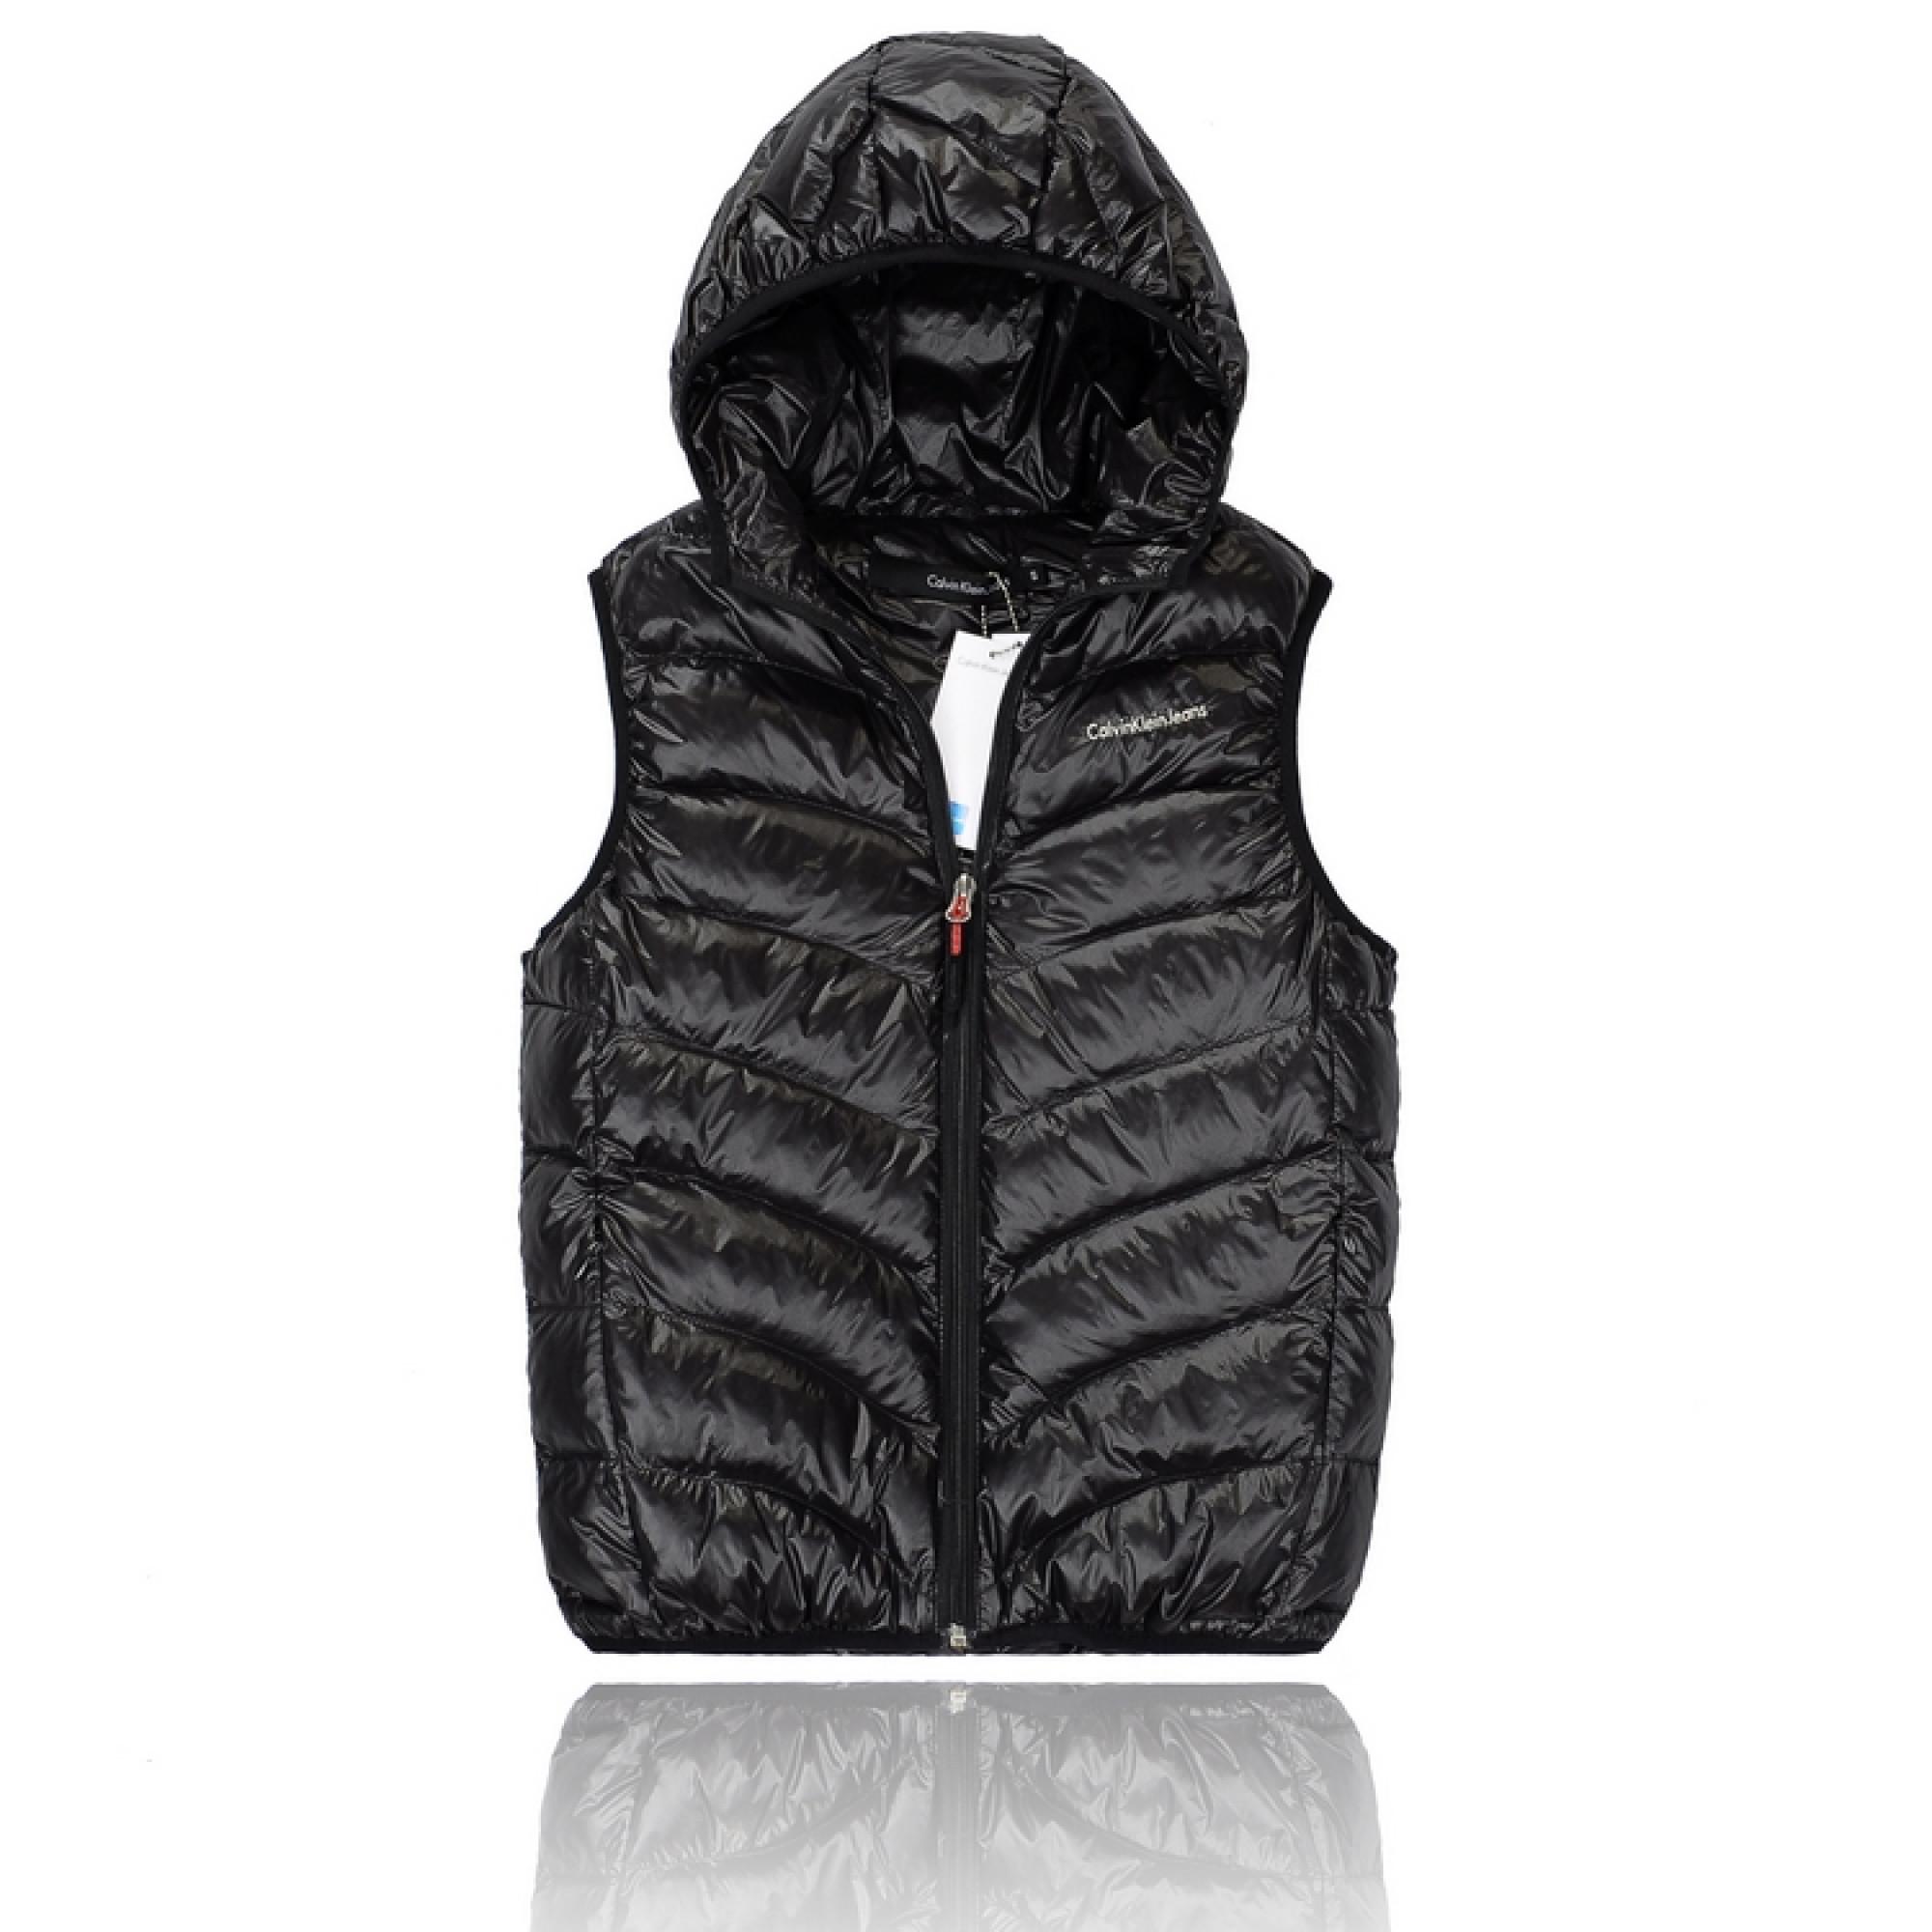 4fac362c745a7 Купить черная жилетка Calvin Klein — в Киеве, код товара 12250